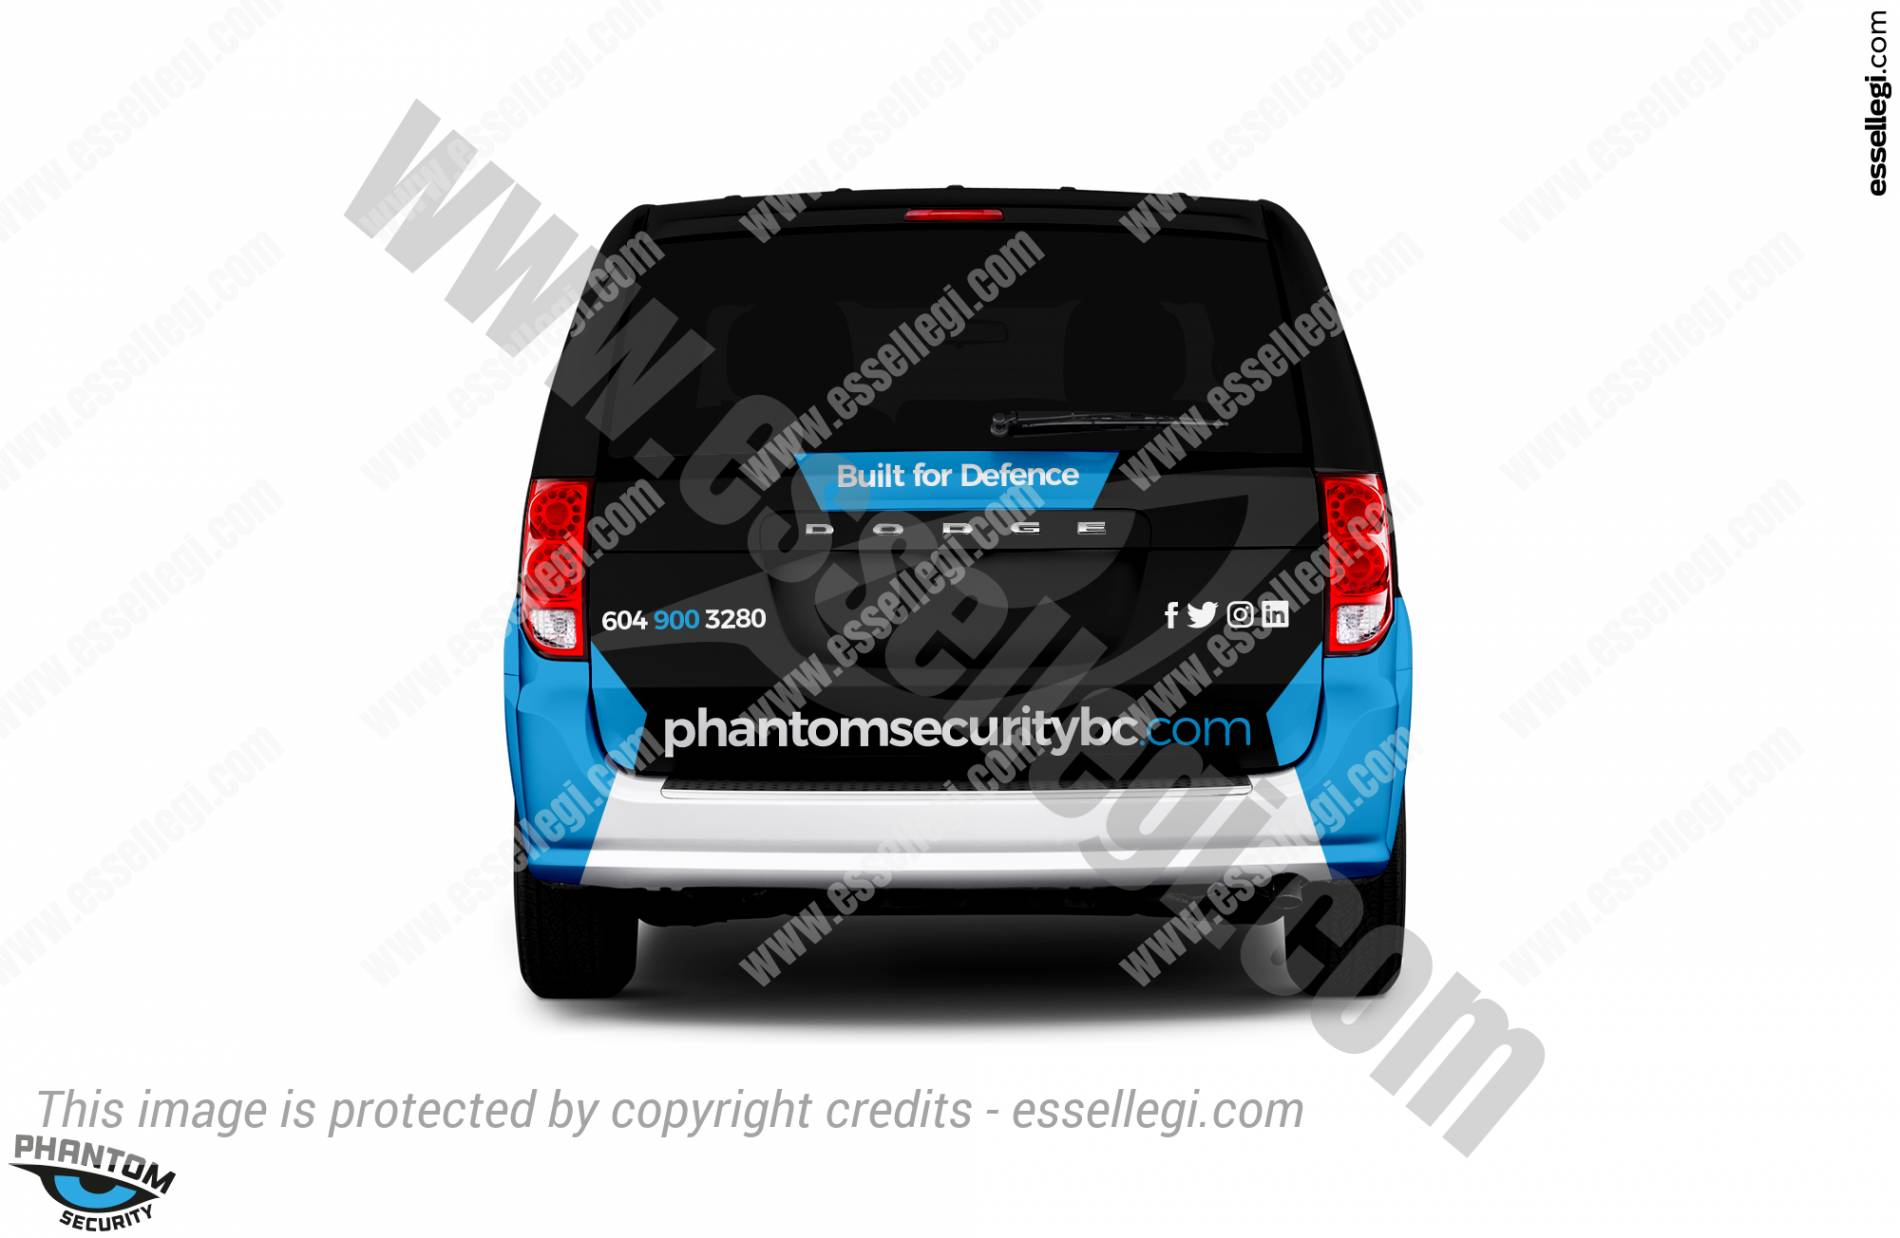 Gran Caravan Wrap Design. Dodge Gran Caravan   Van Wrap Design by Essellegi. Van Signs, Van Signage, Van Wrapping, Van Signwriting, Van Wrap Designer, Signs for Van, Van Logo, Van Graphic by Essellegi.